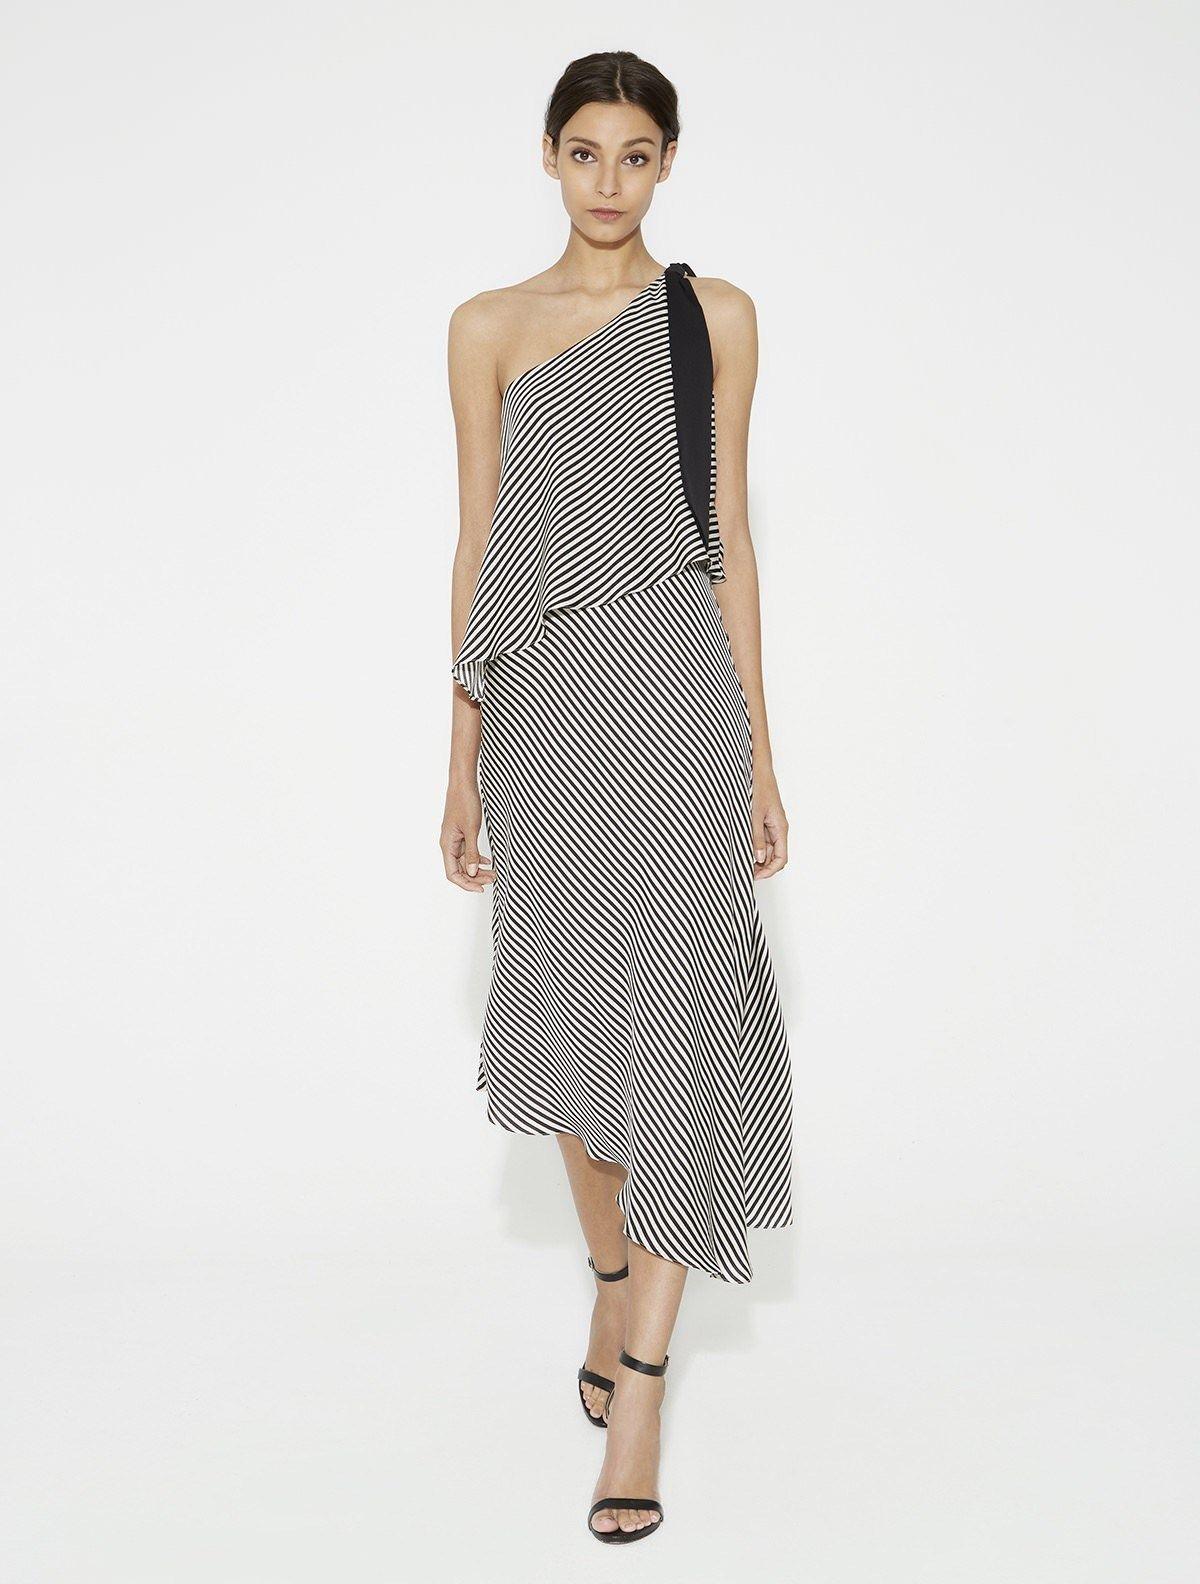 One Shoulder Striped Flowy Dress | Cocktail Hour | Pinterest | Shoulder